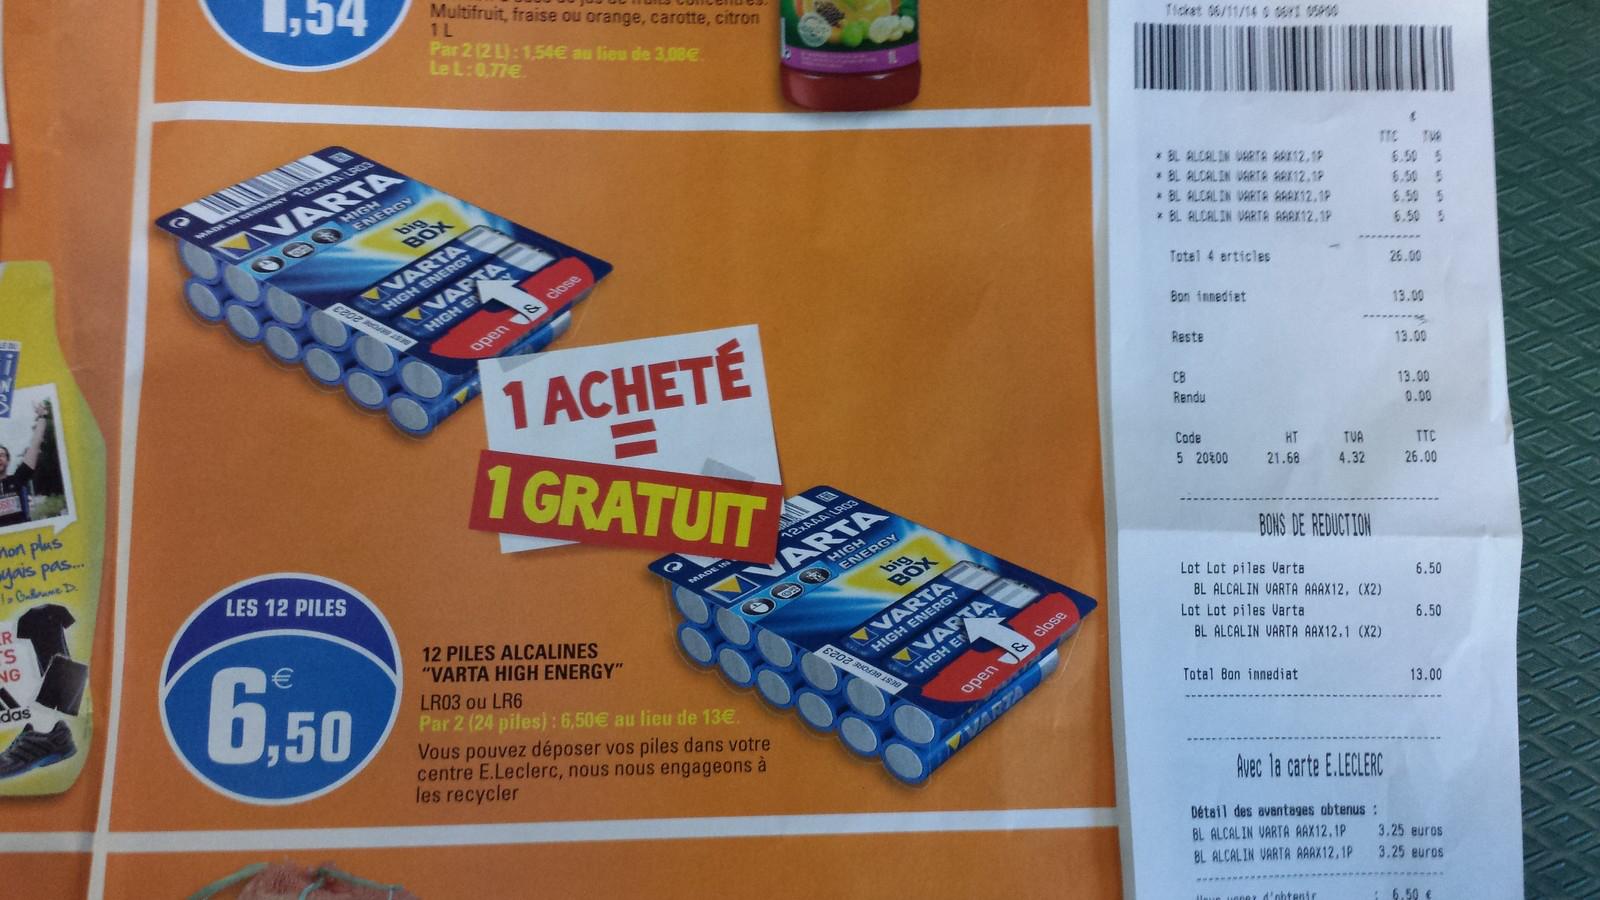 48 Piles Varta High Energy  AAA ou AA (6.50€ sur la carte)